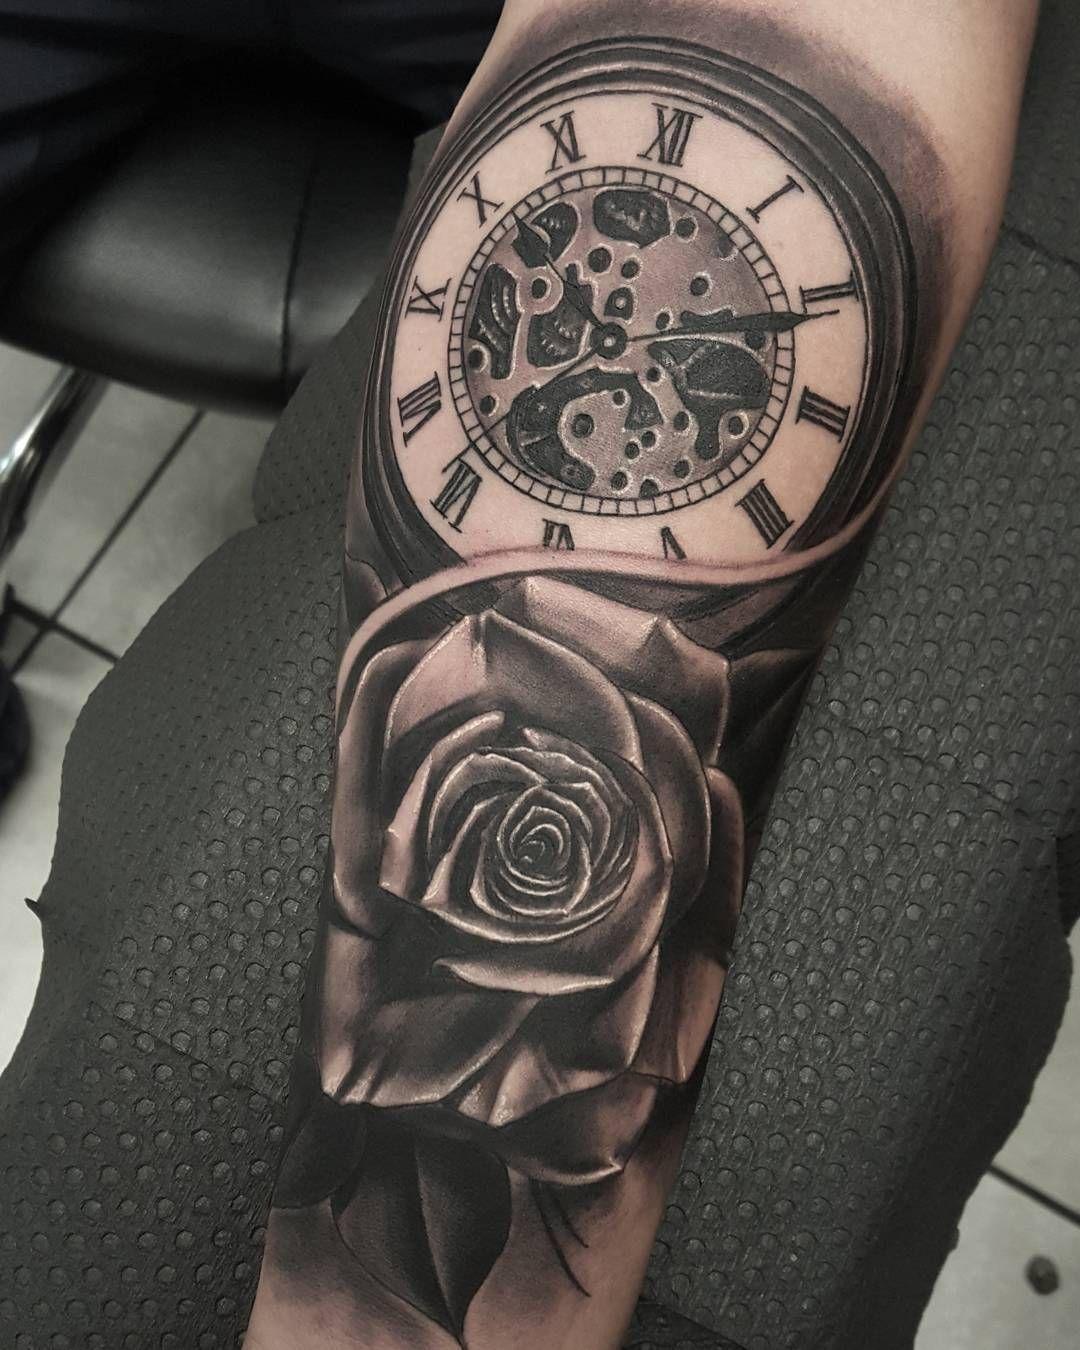 Hình xăm đồng hồ hoa hồng kín tay